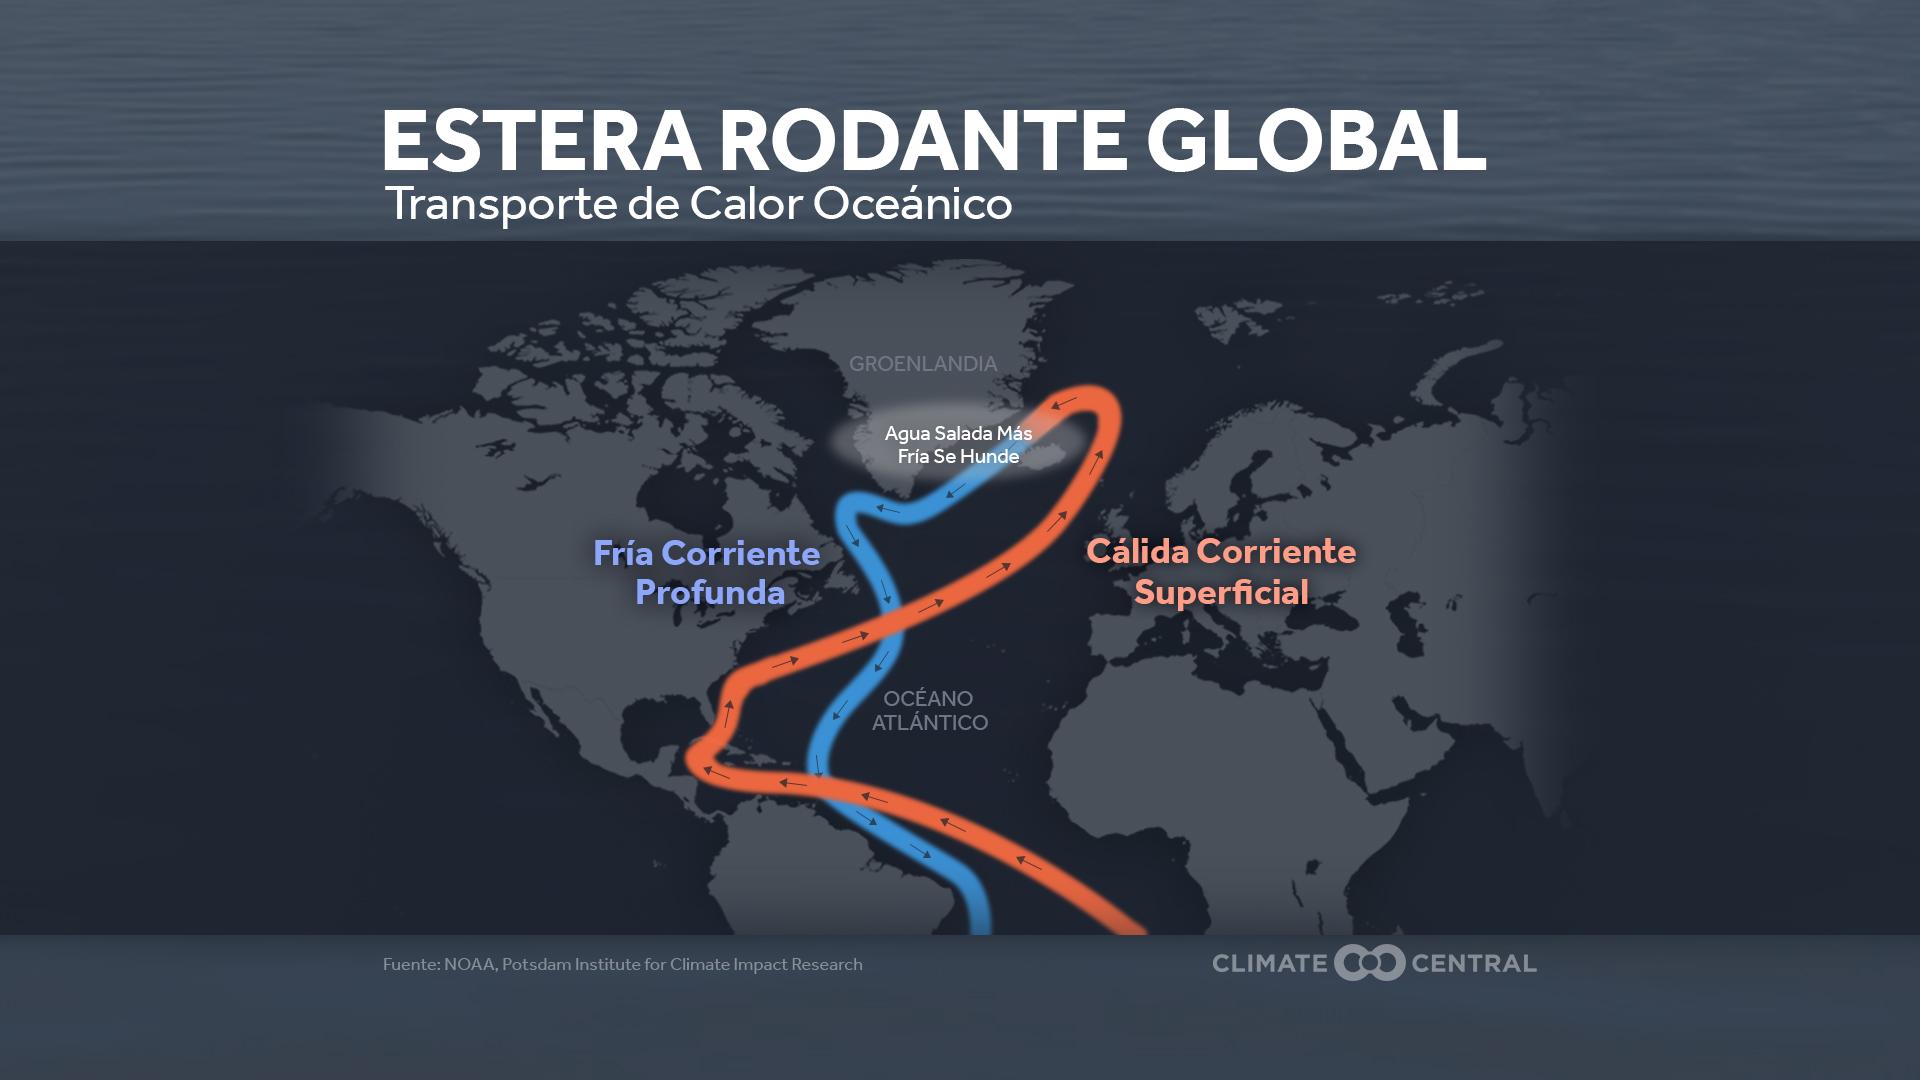 ocean circulation - explanation